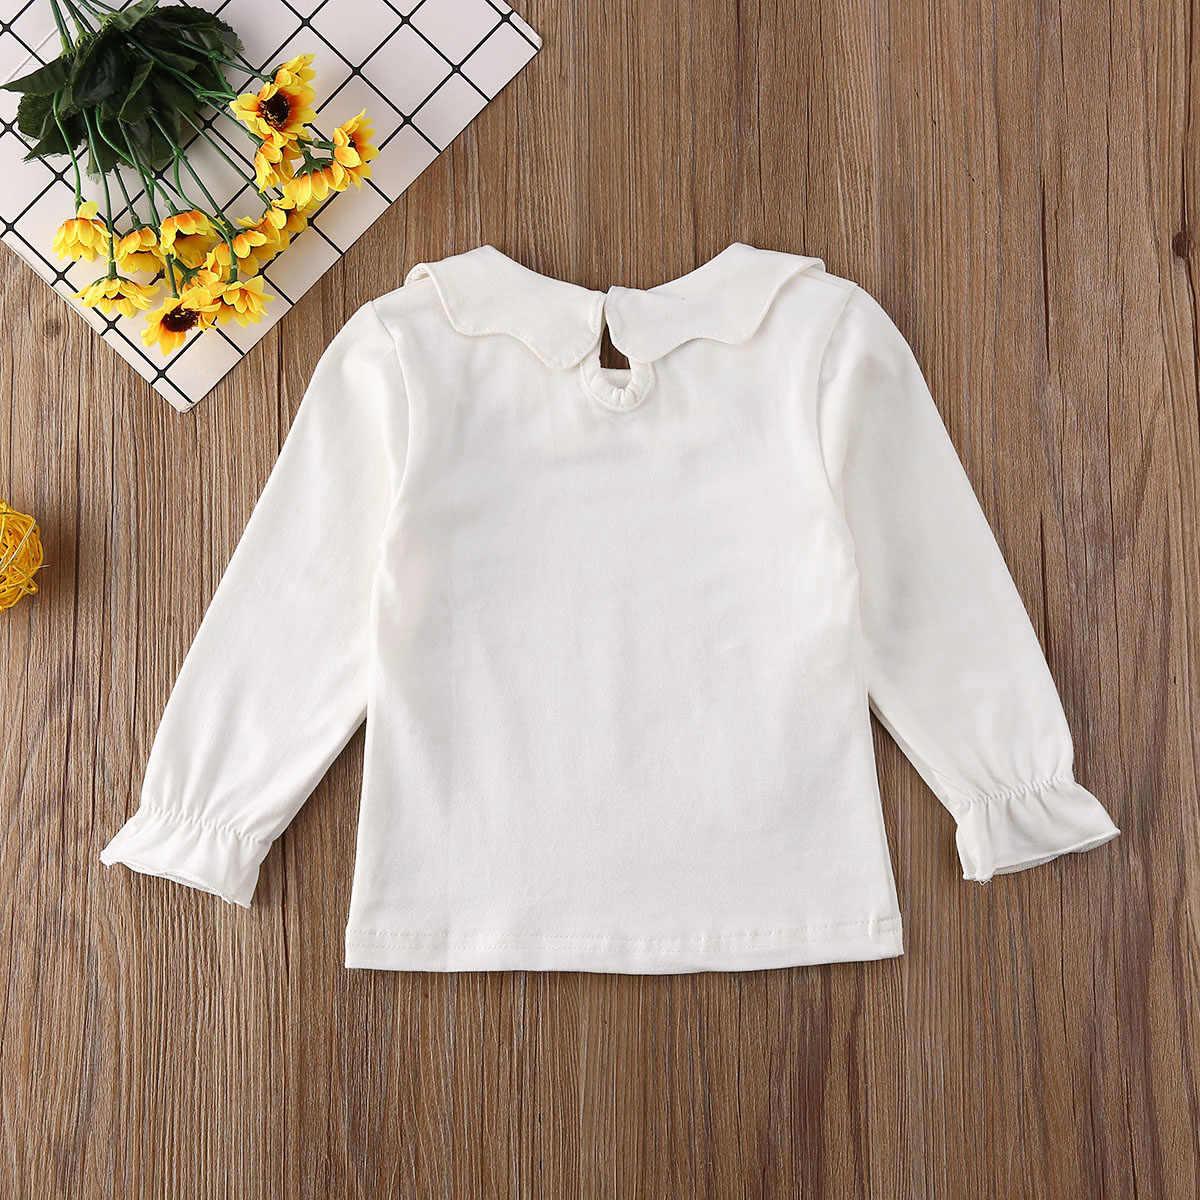 2019 ฤดูใบไม้ผลิฤดูใบไม้ร่วงเสื้อผ้าเด็กวัยหัดเดินเด็กสาวแขนยาวเสื้อยืด Ruffle เสื้อเสื้ออบอุ่น Pullovers ของแข็งชุด 1 -7T